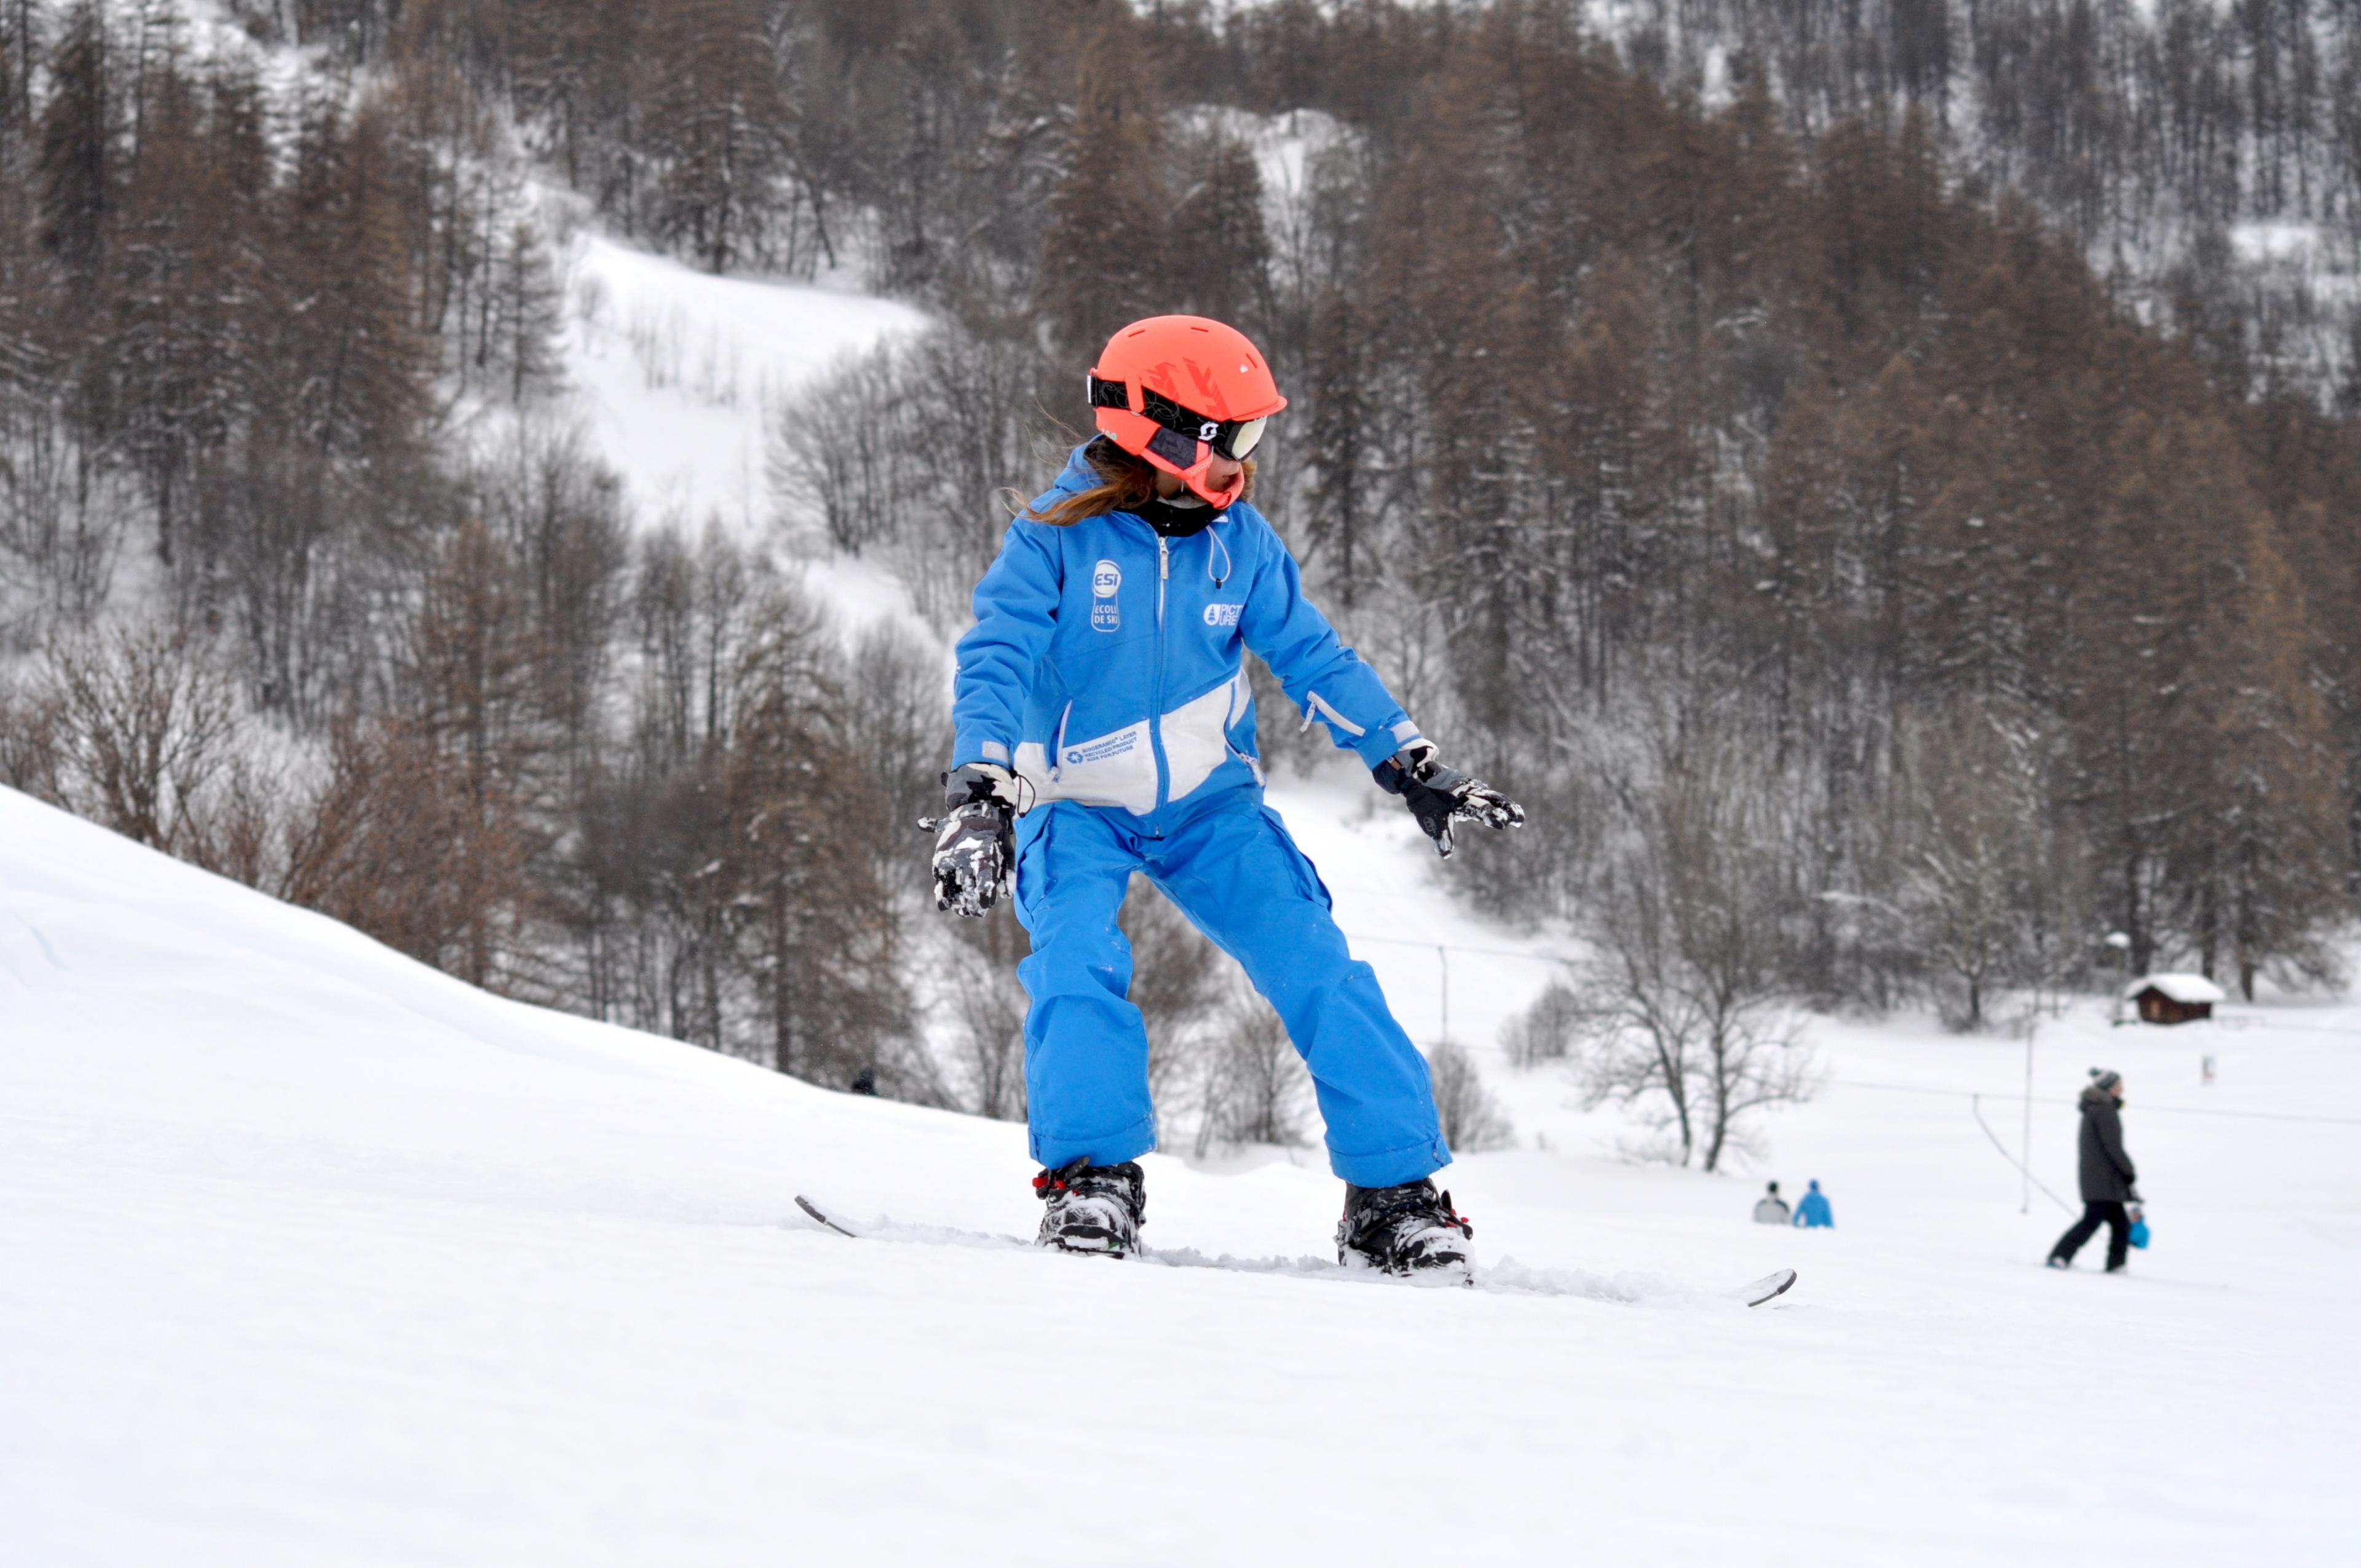 Skilessen voor kinderen vanaf 9 jaar voor alle niveaus